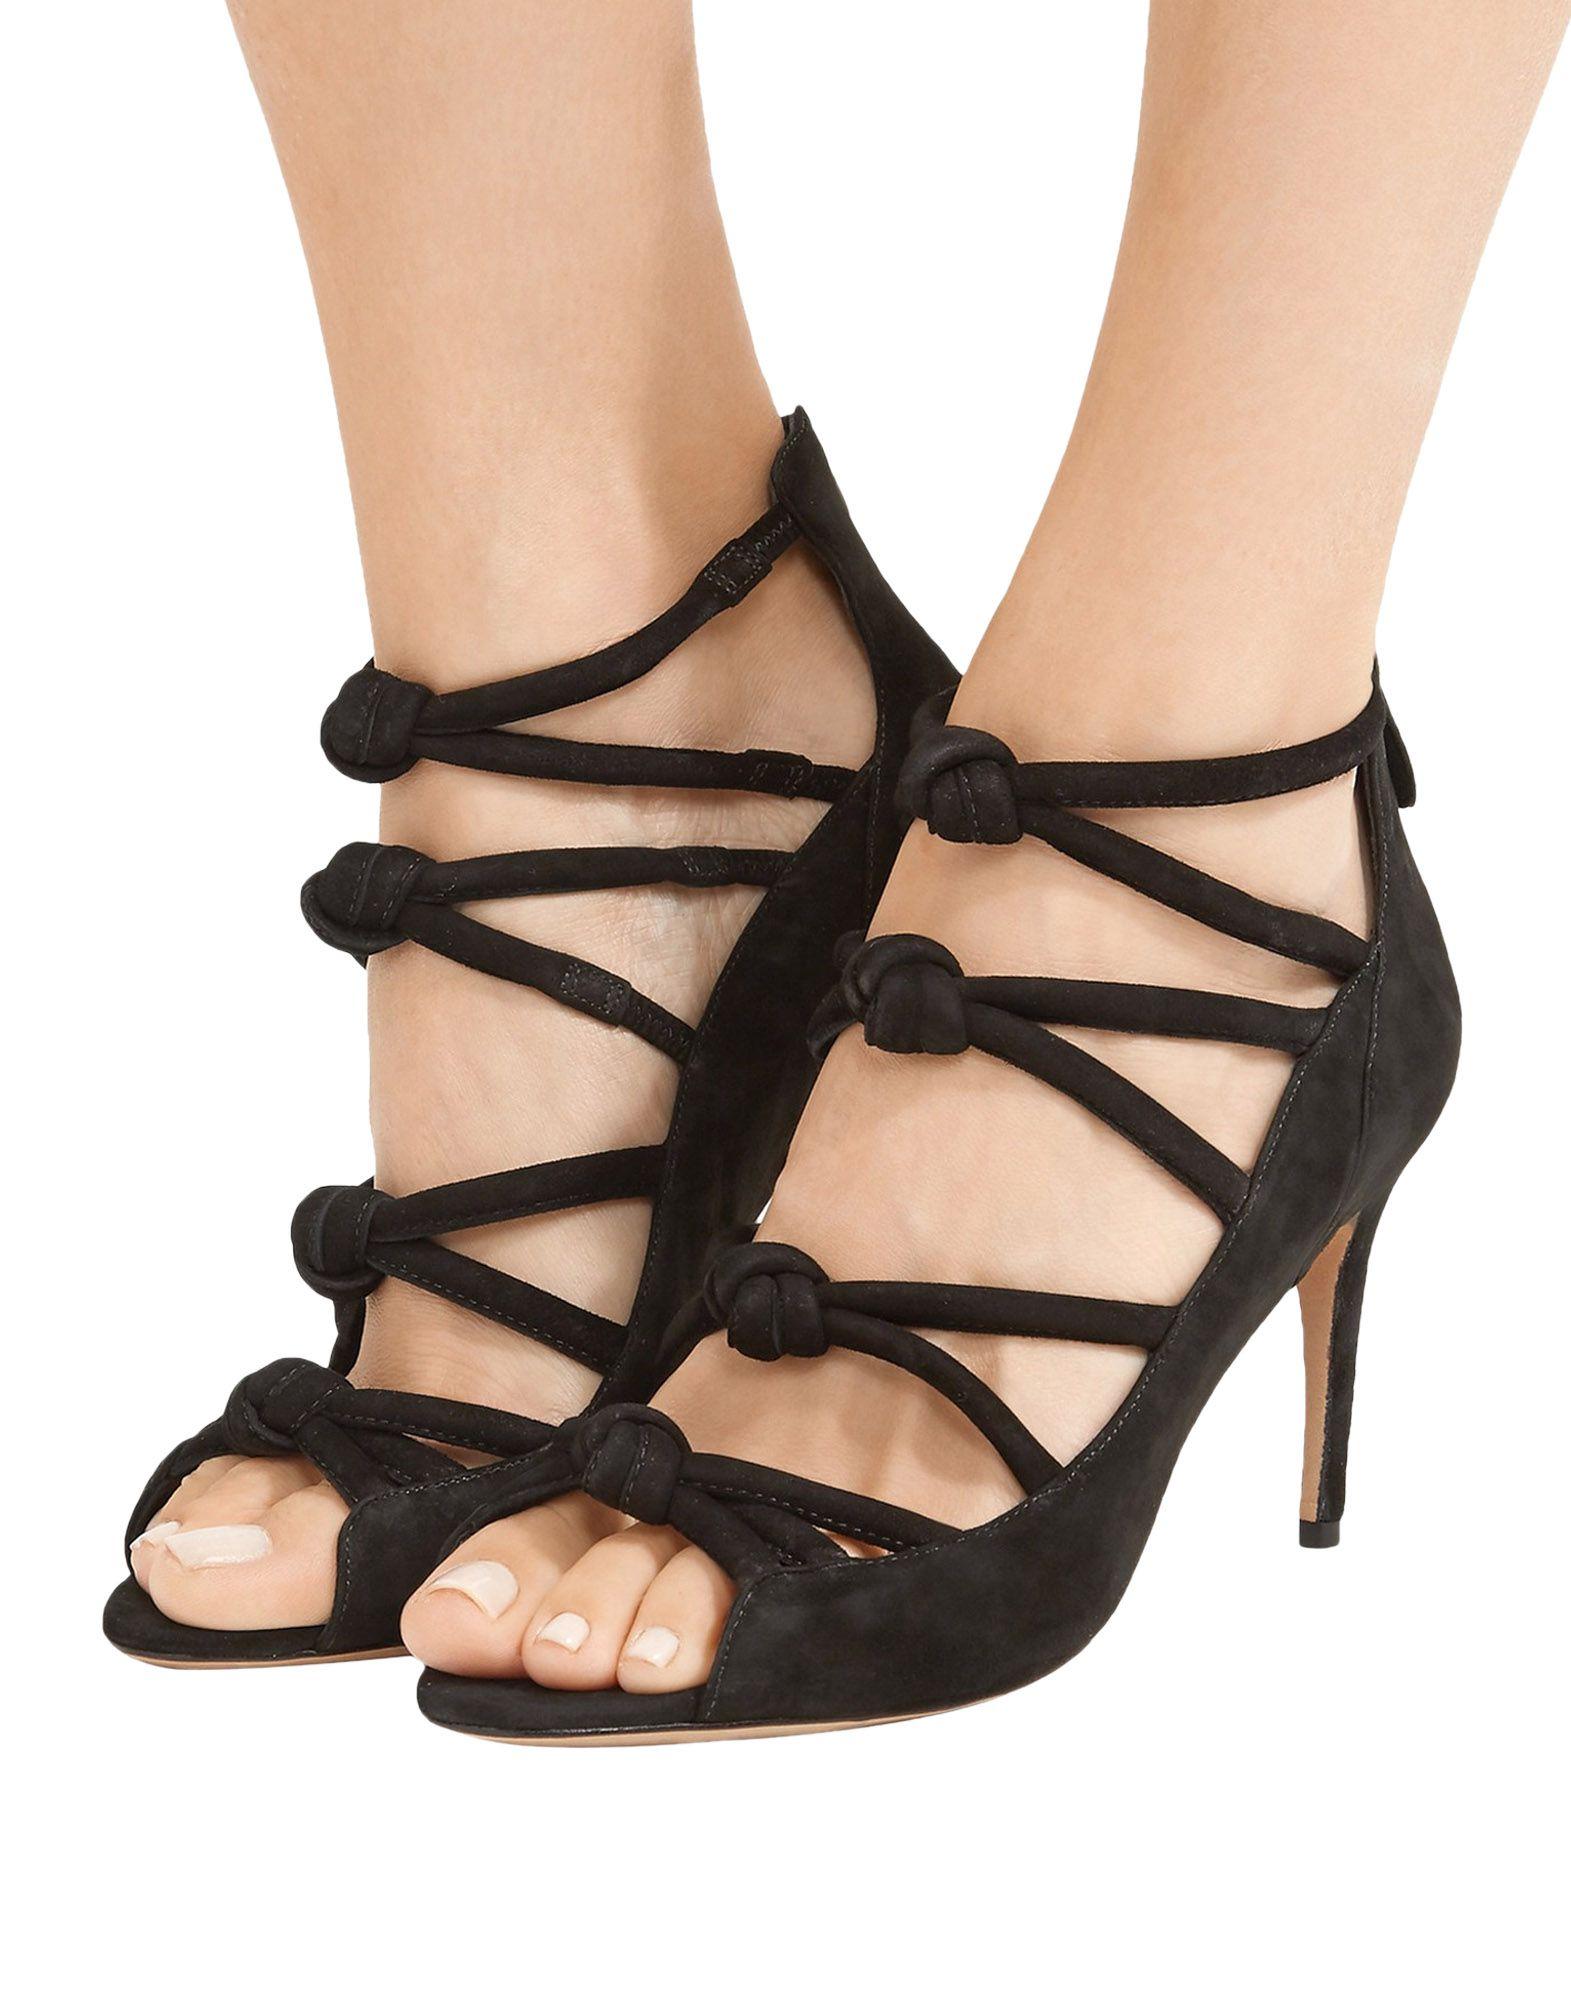 Rabatt Damen Schuhe Alexandre Birman Sandalen Damen Rabatt  11524382UD 666ece